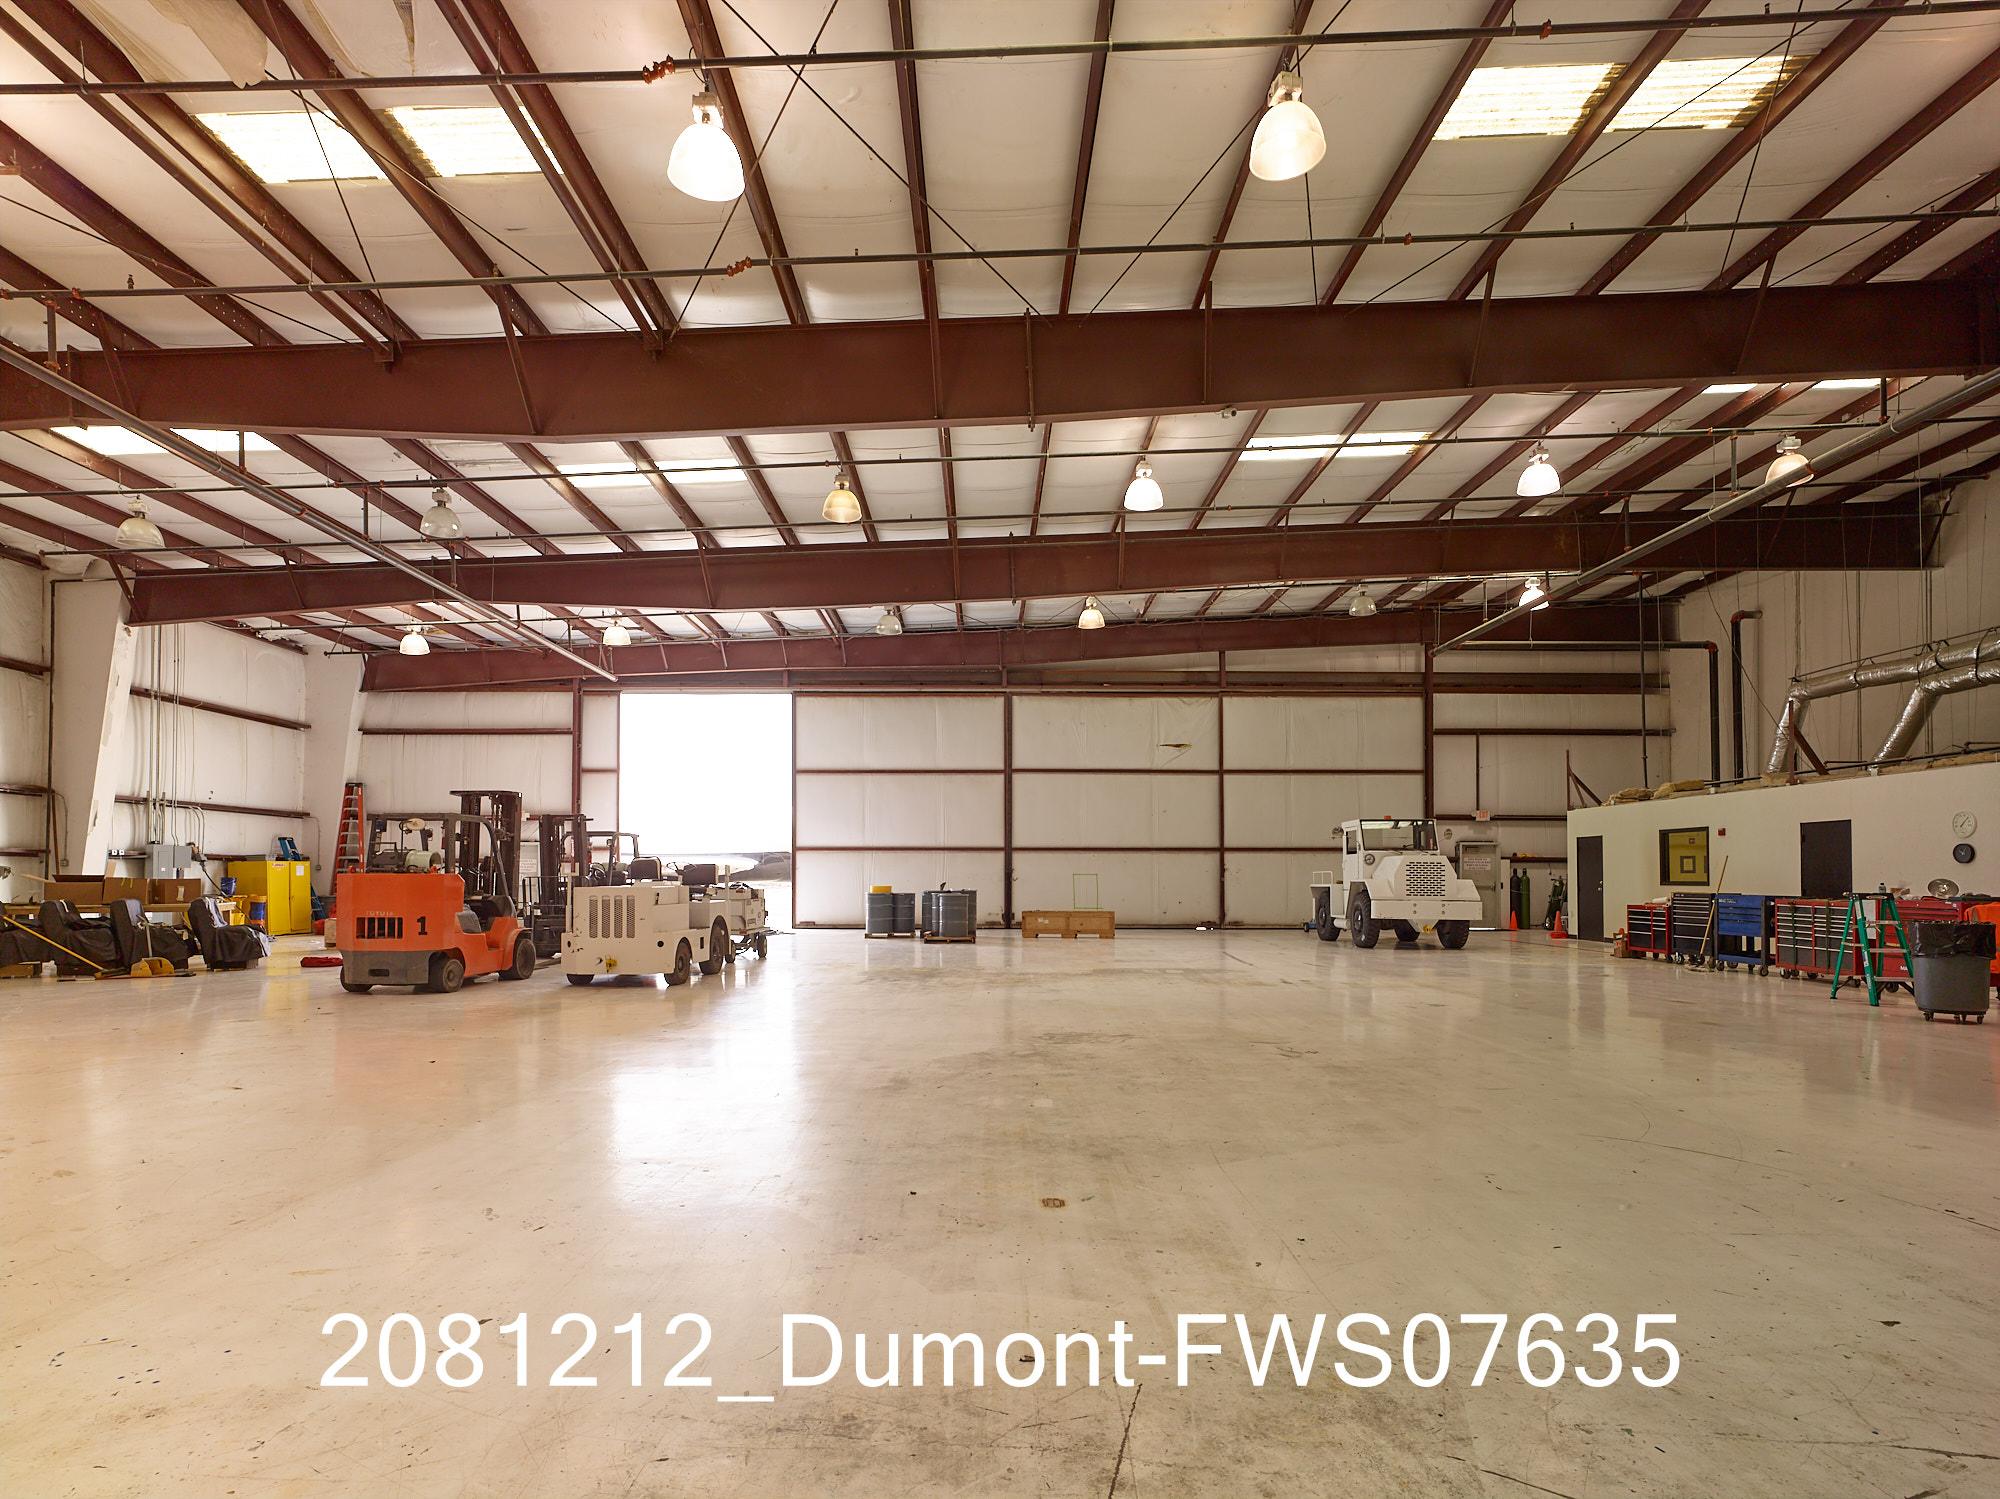 2081212_Dumont-FWS07635.jpg